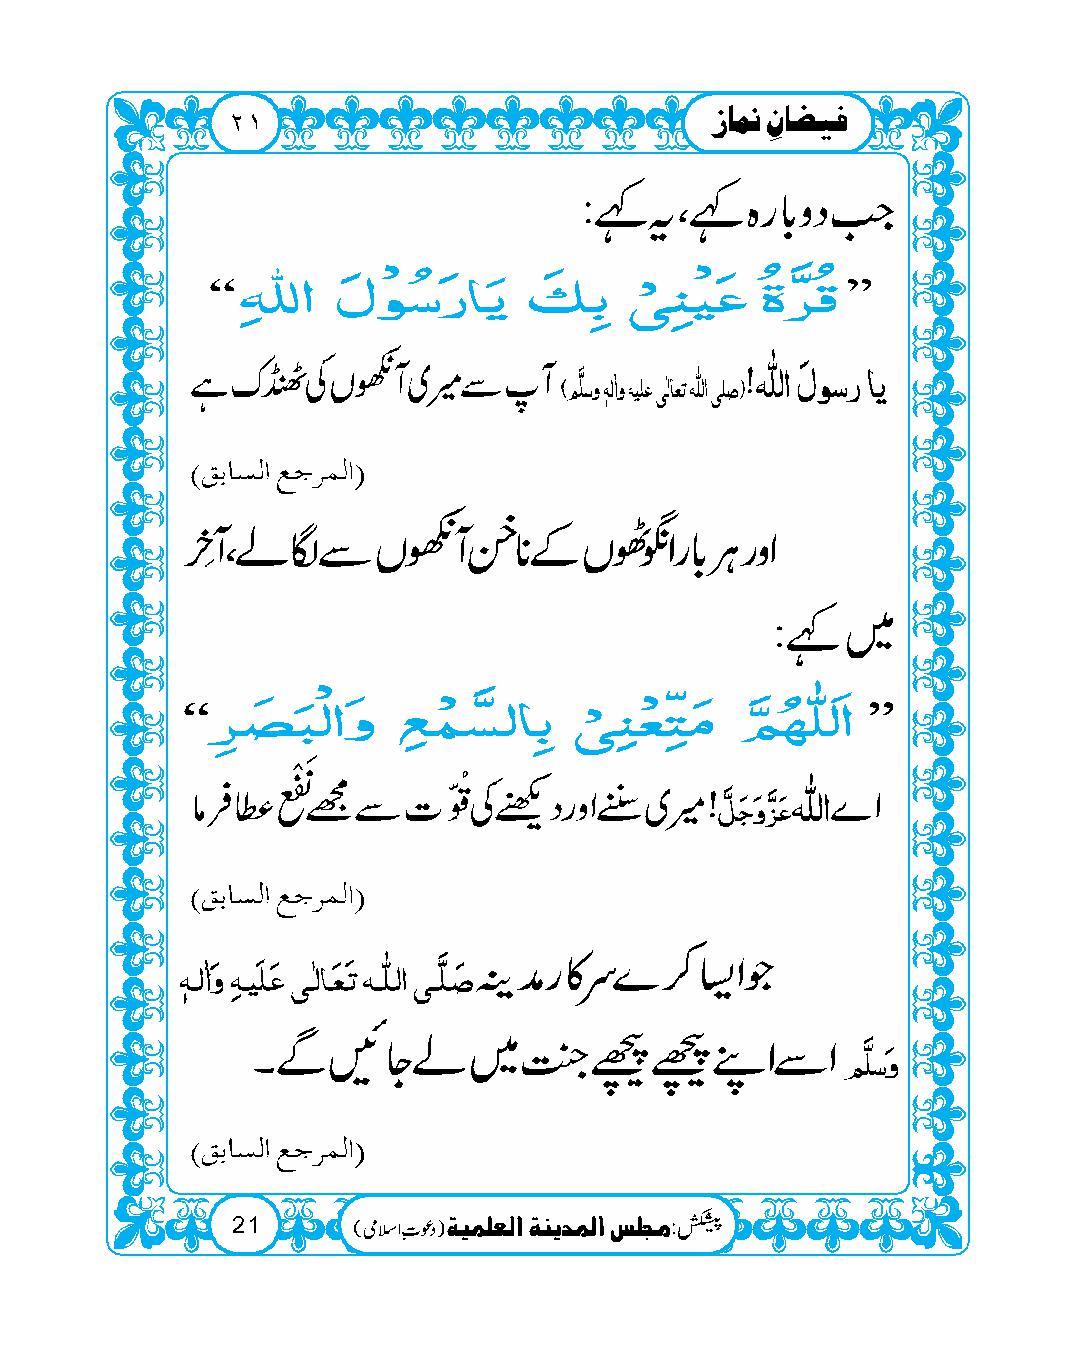 page No 21